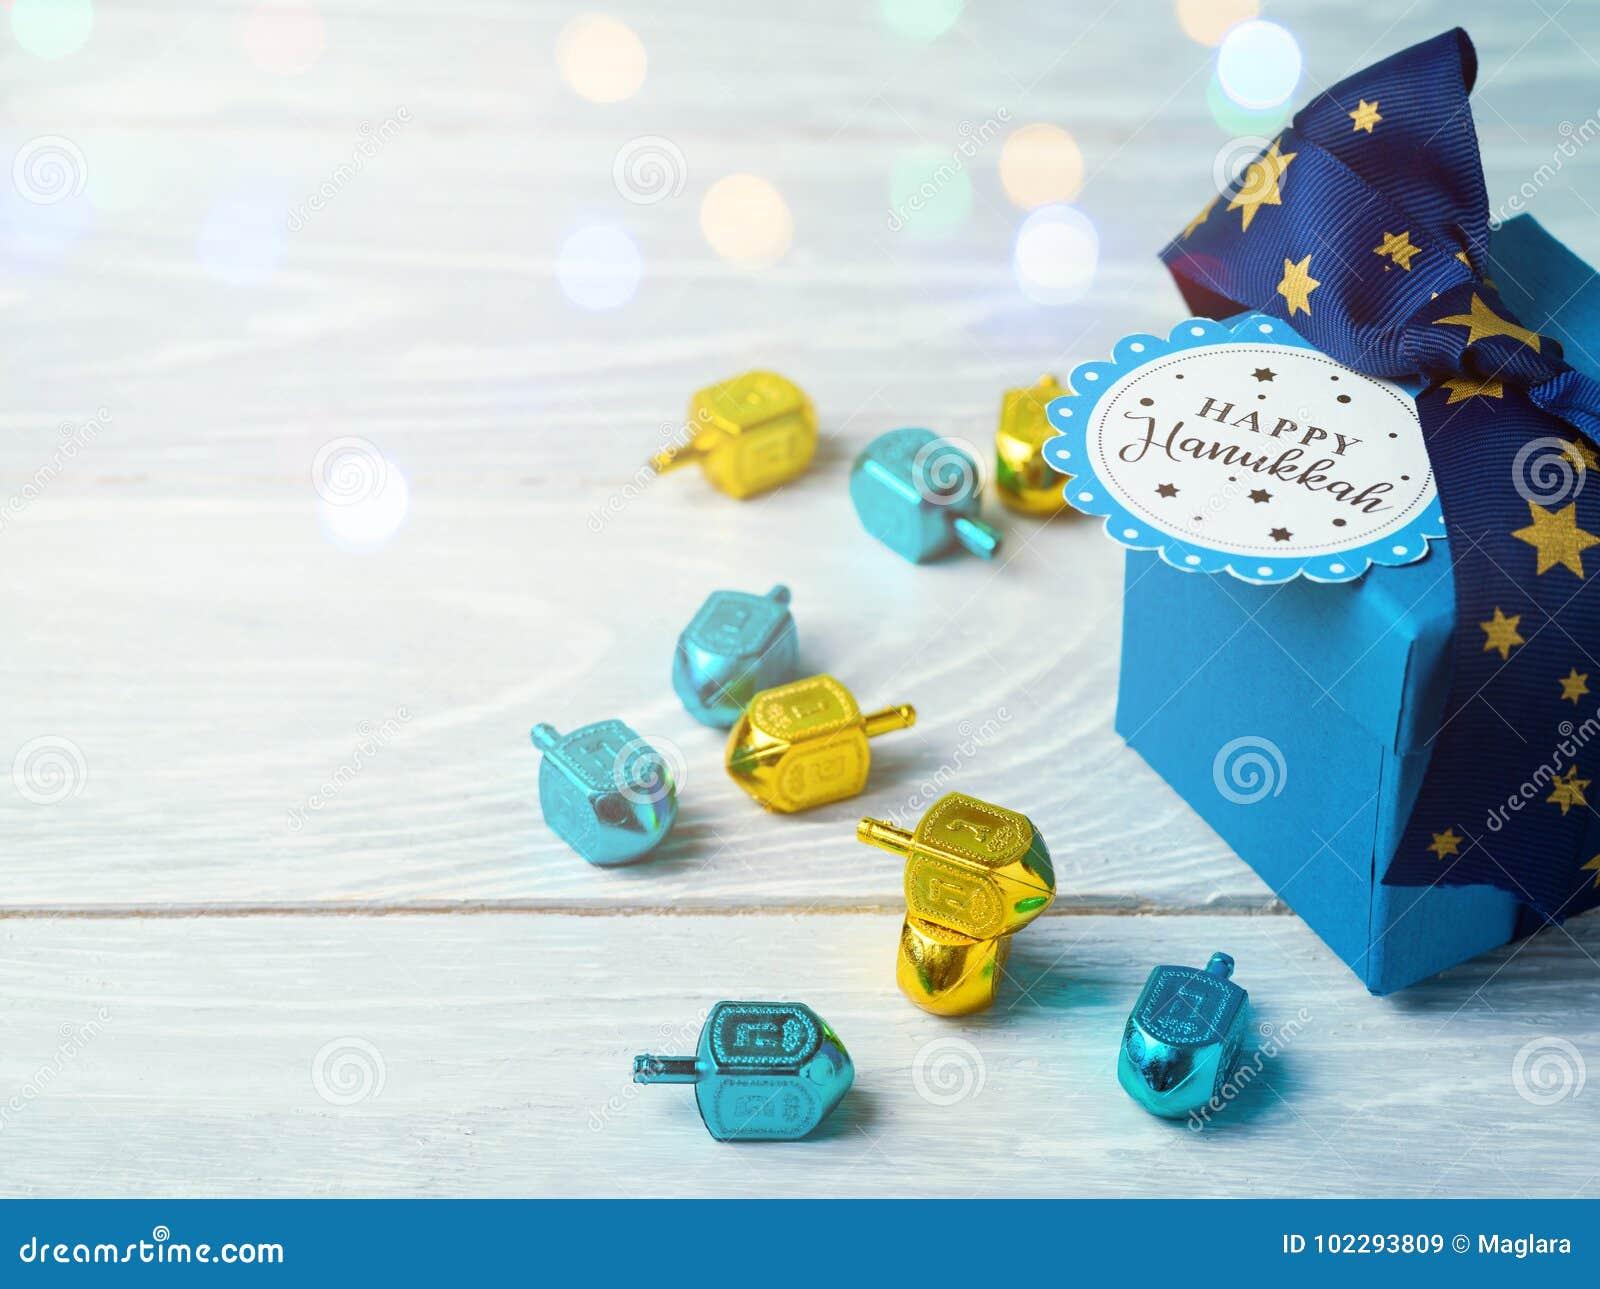 Celebração do Hanukkah com caixa de presente